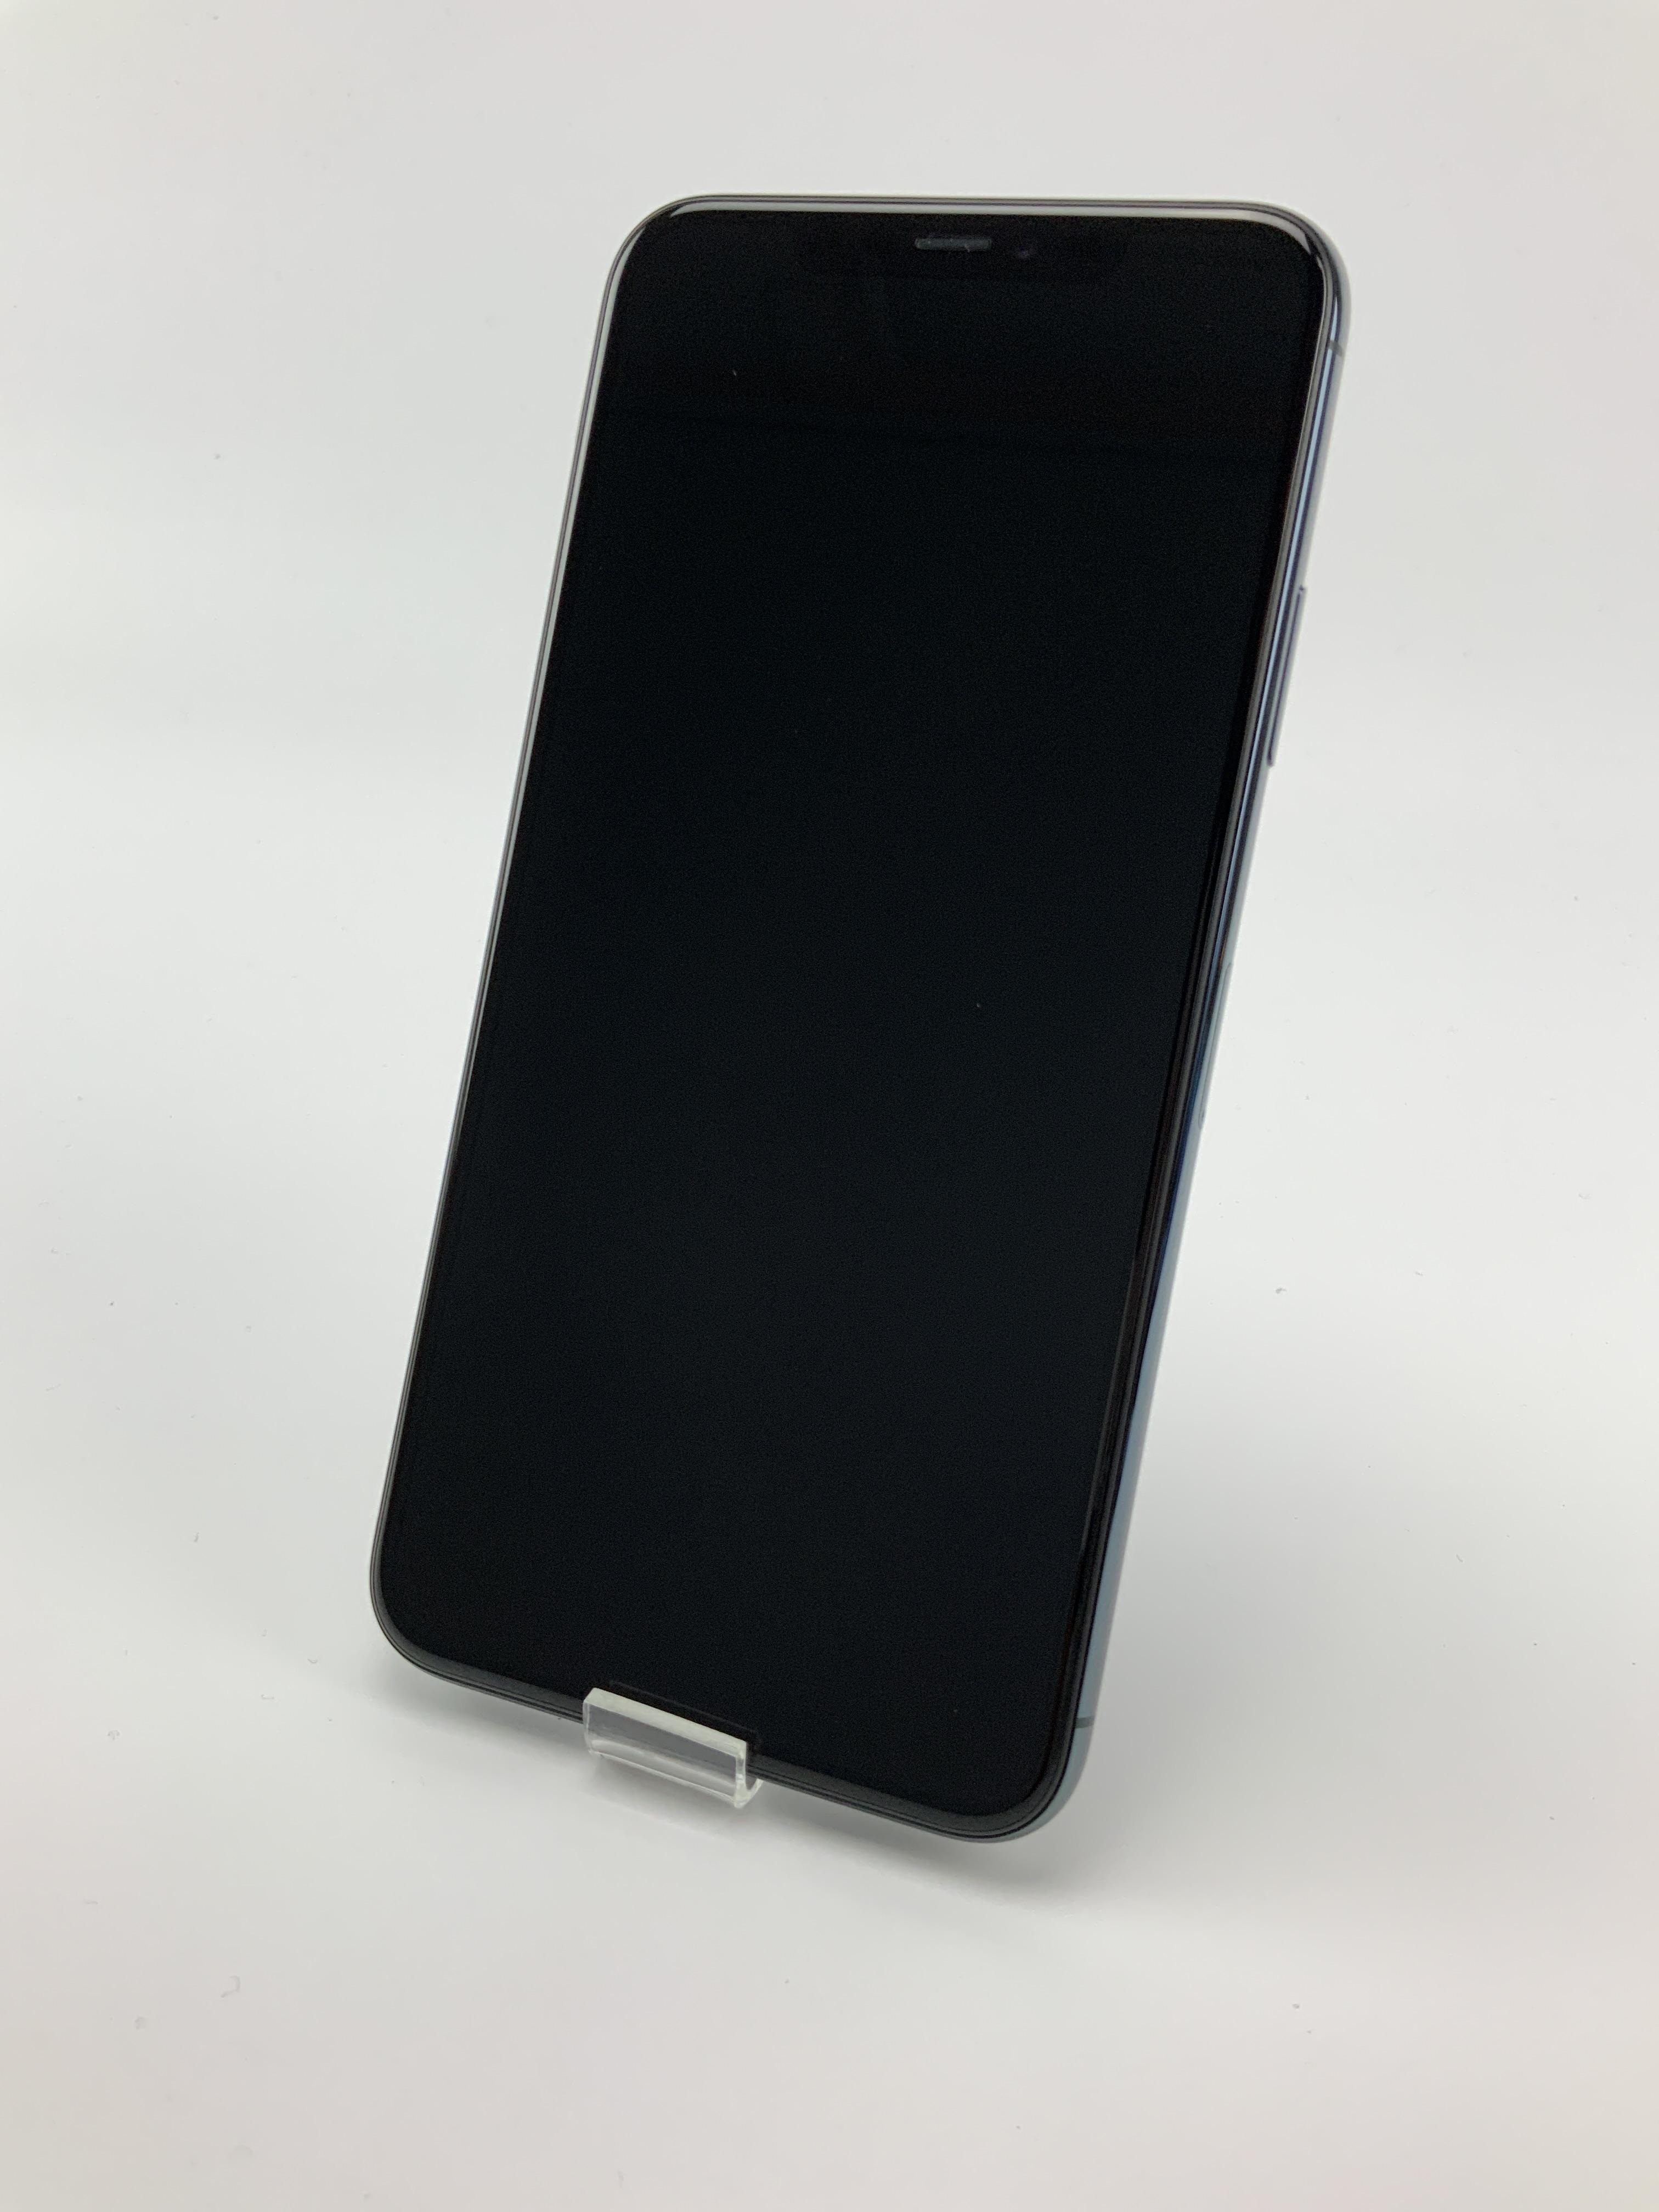 iPhone 11 Pro Max 256GB, 256GB, Midnight Green, Kuva 1